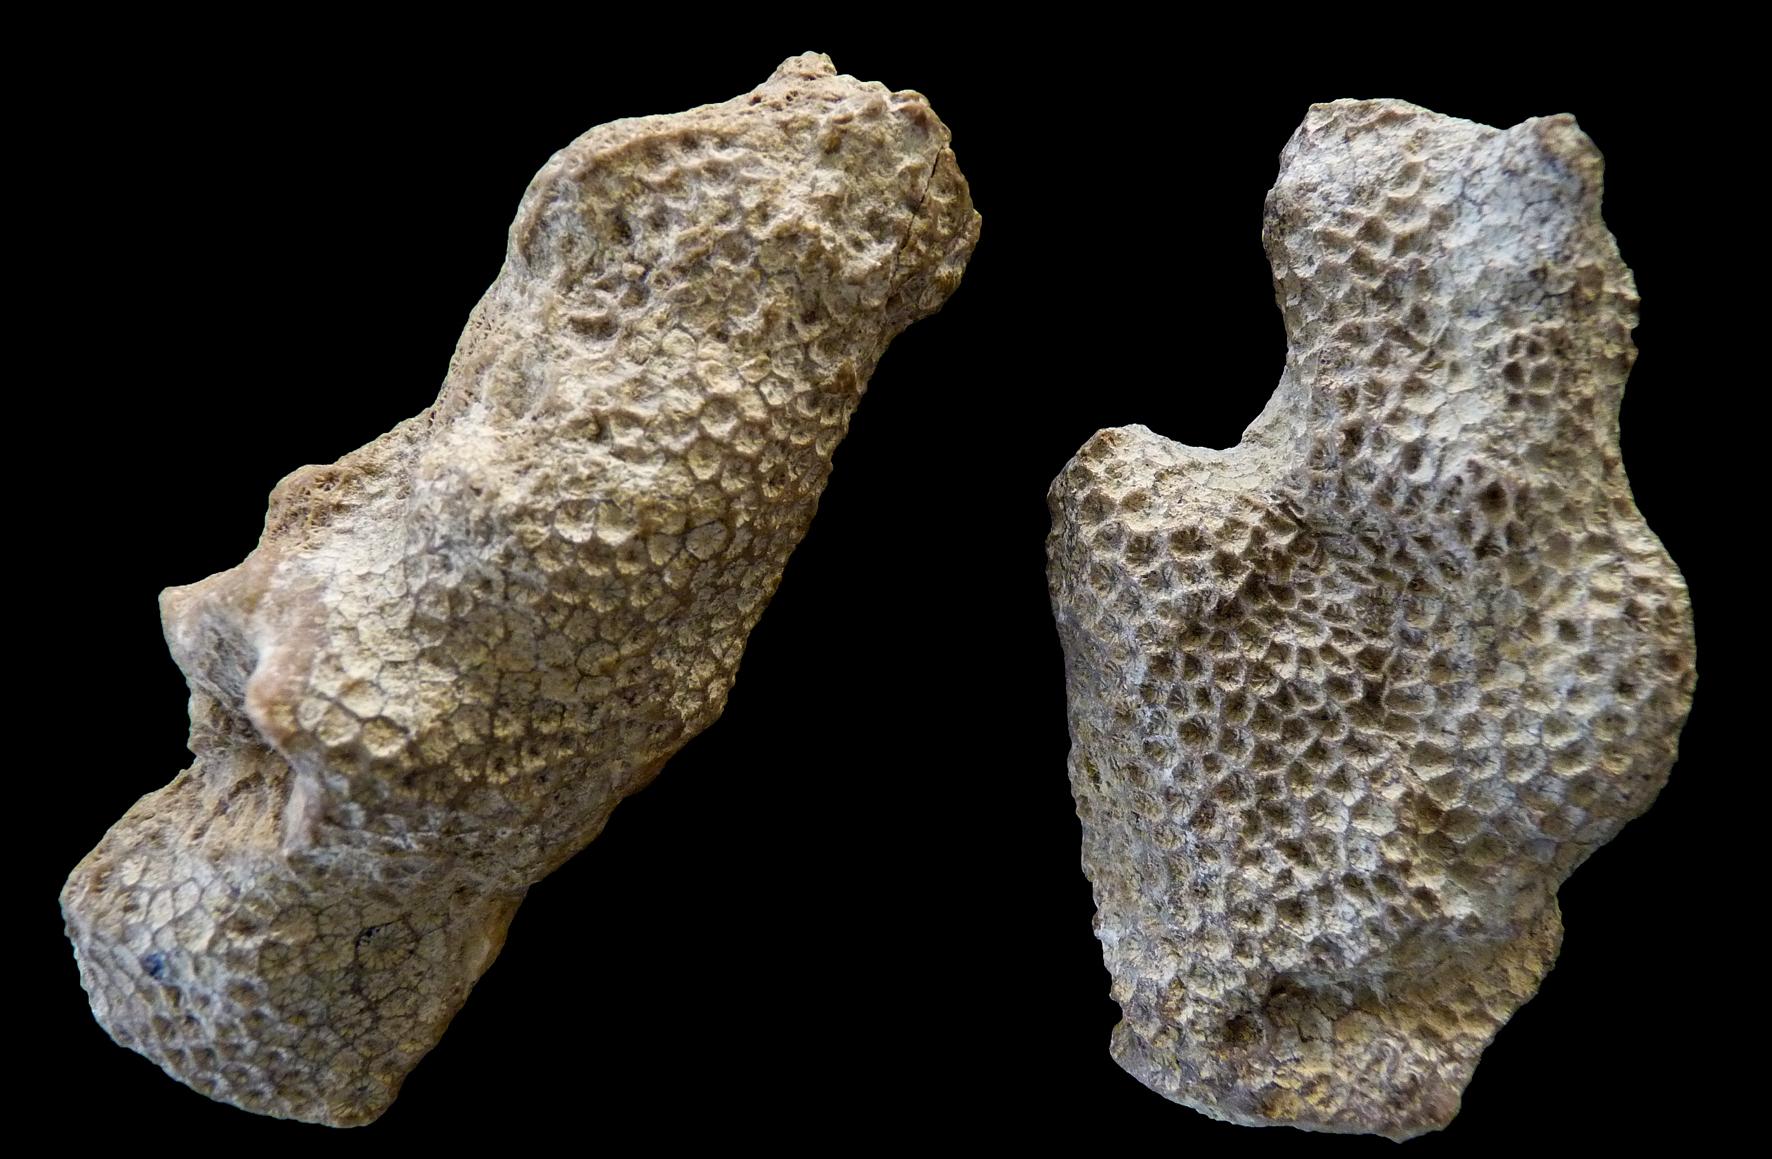 Resultado de imagen de cnidarios fosil